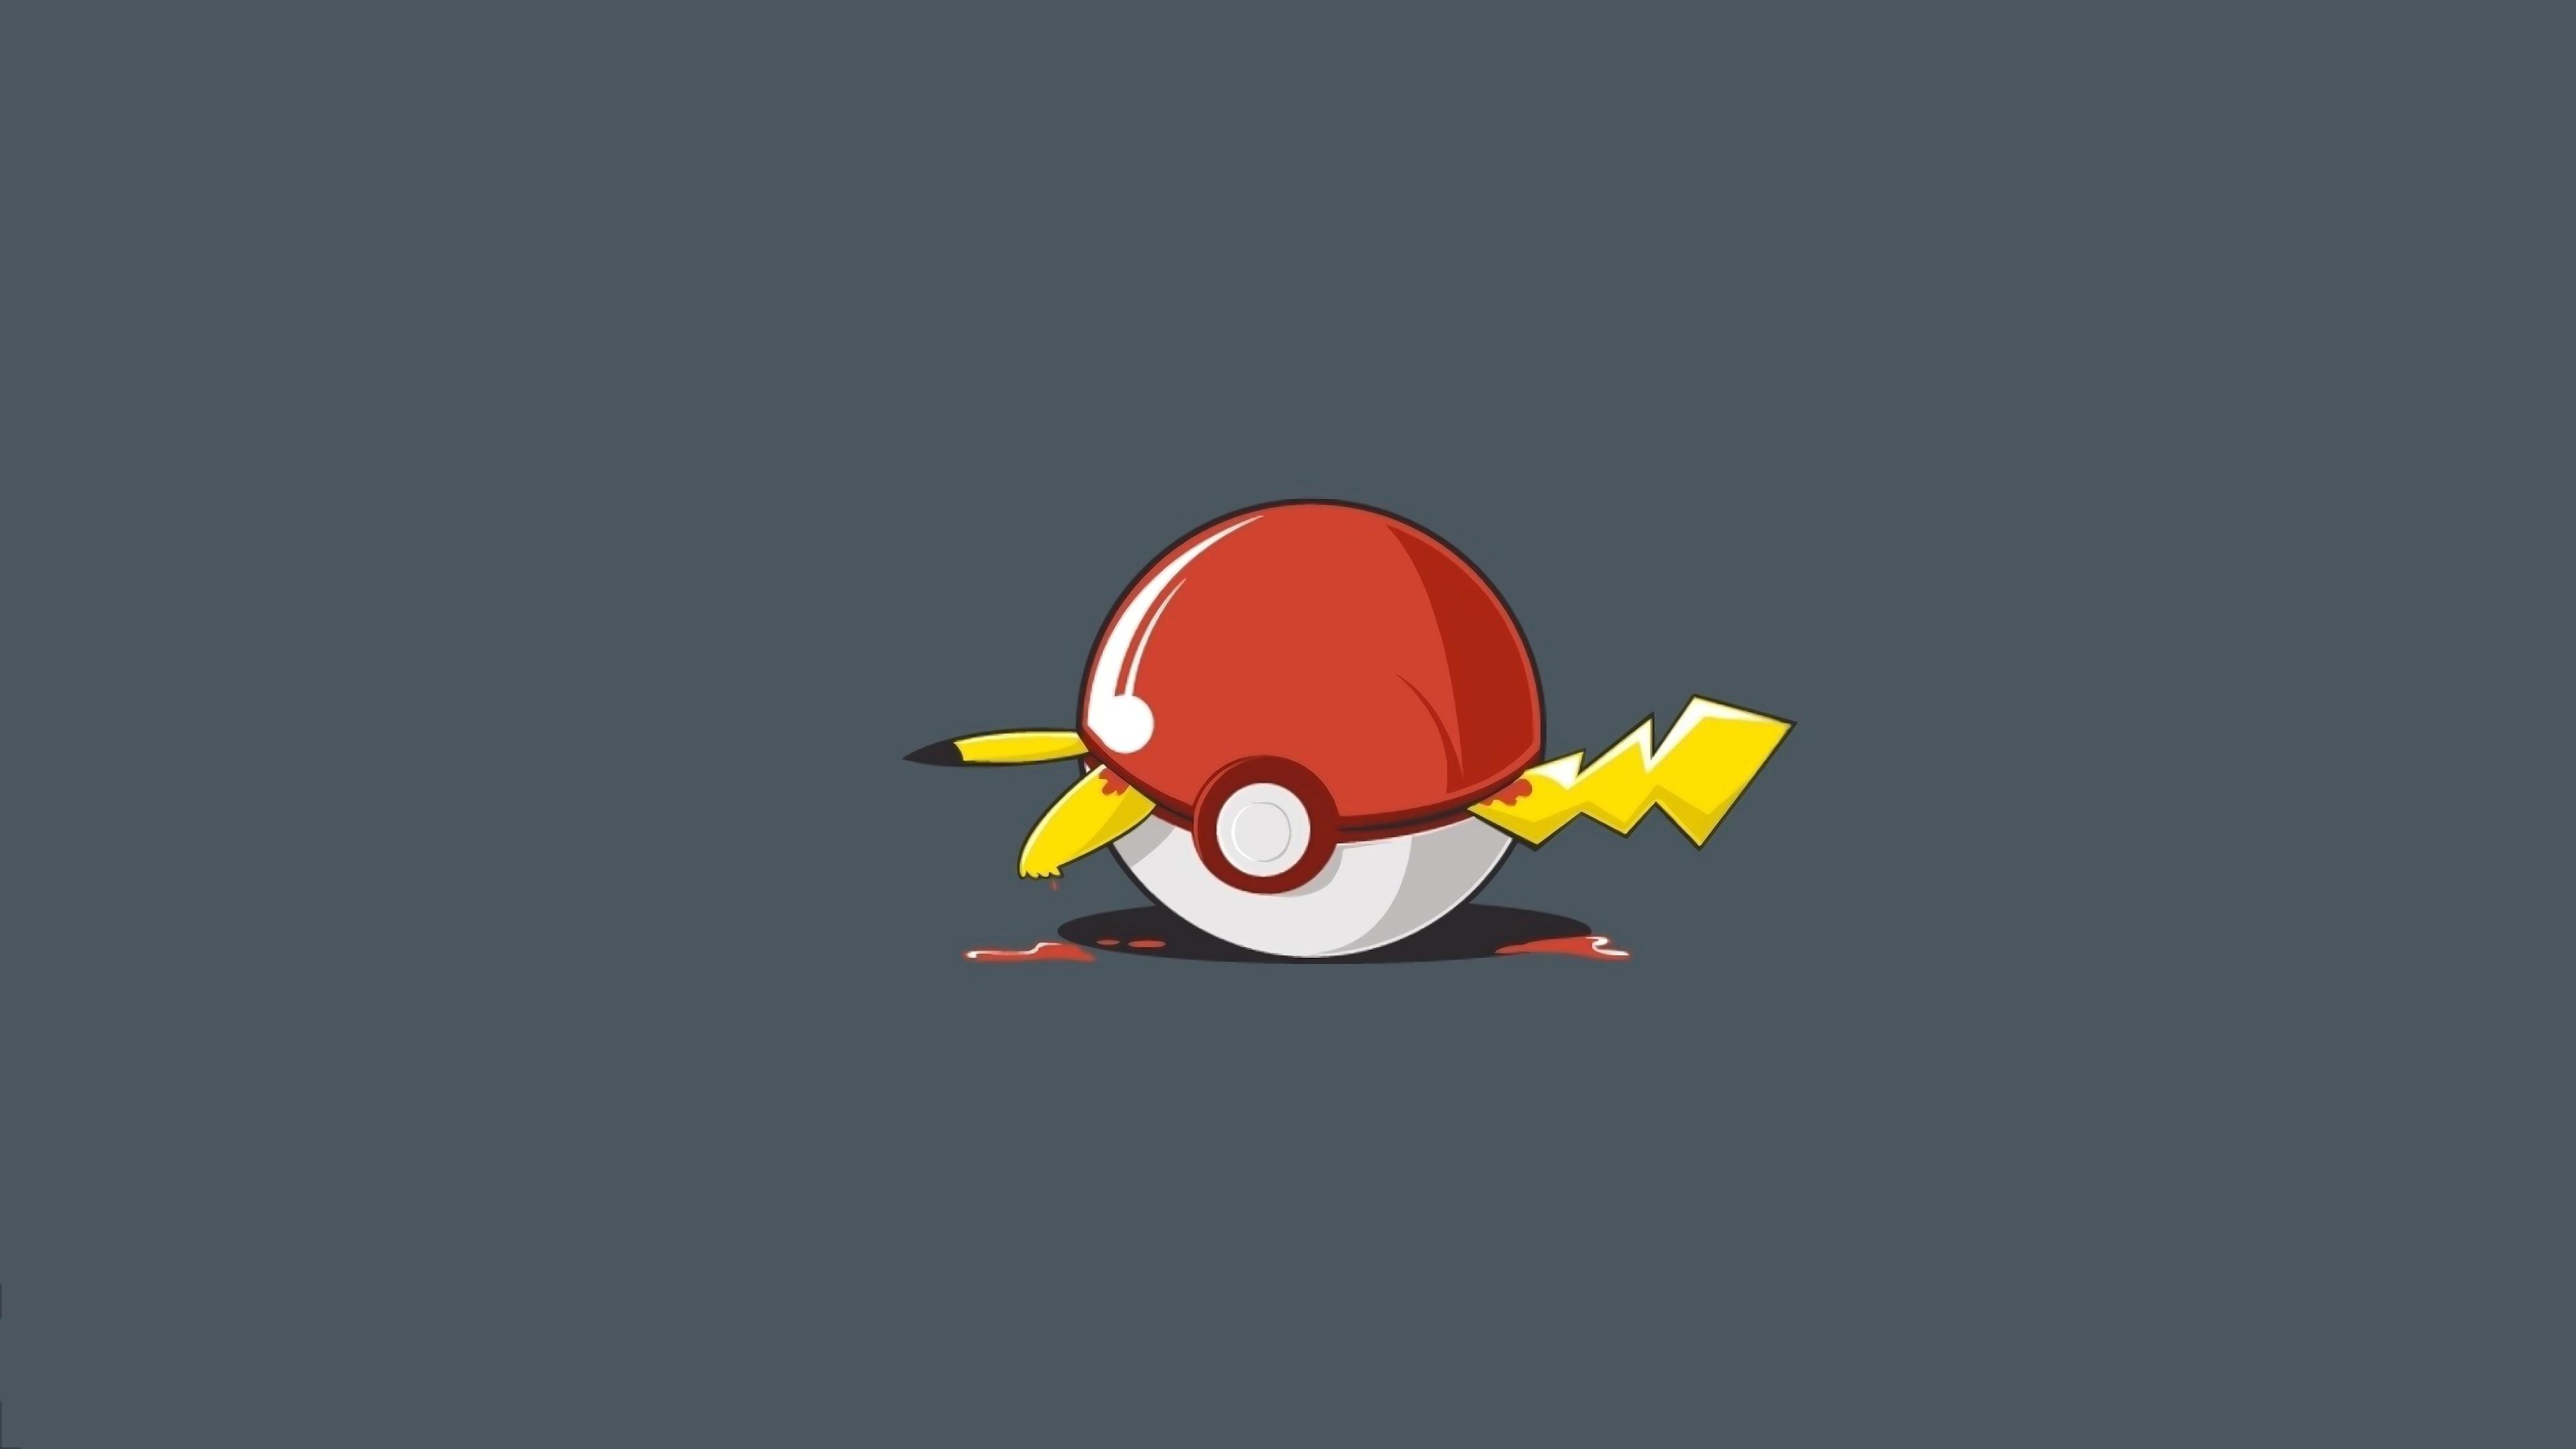 Pikachu Pokeball Hd Wallpaper 3840x2160 Gludy